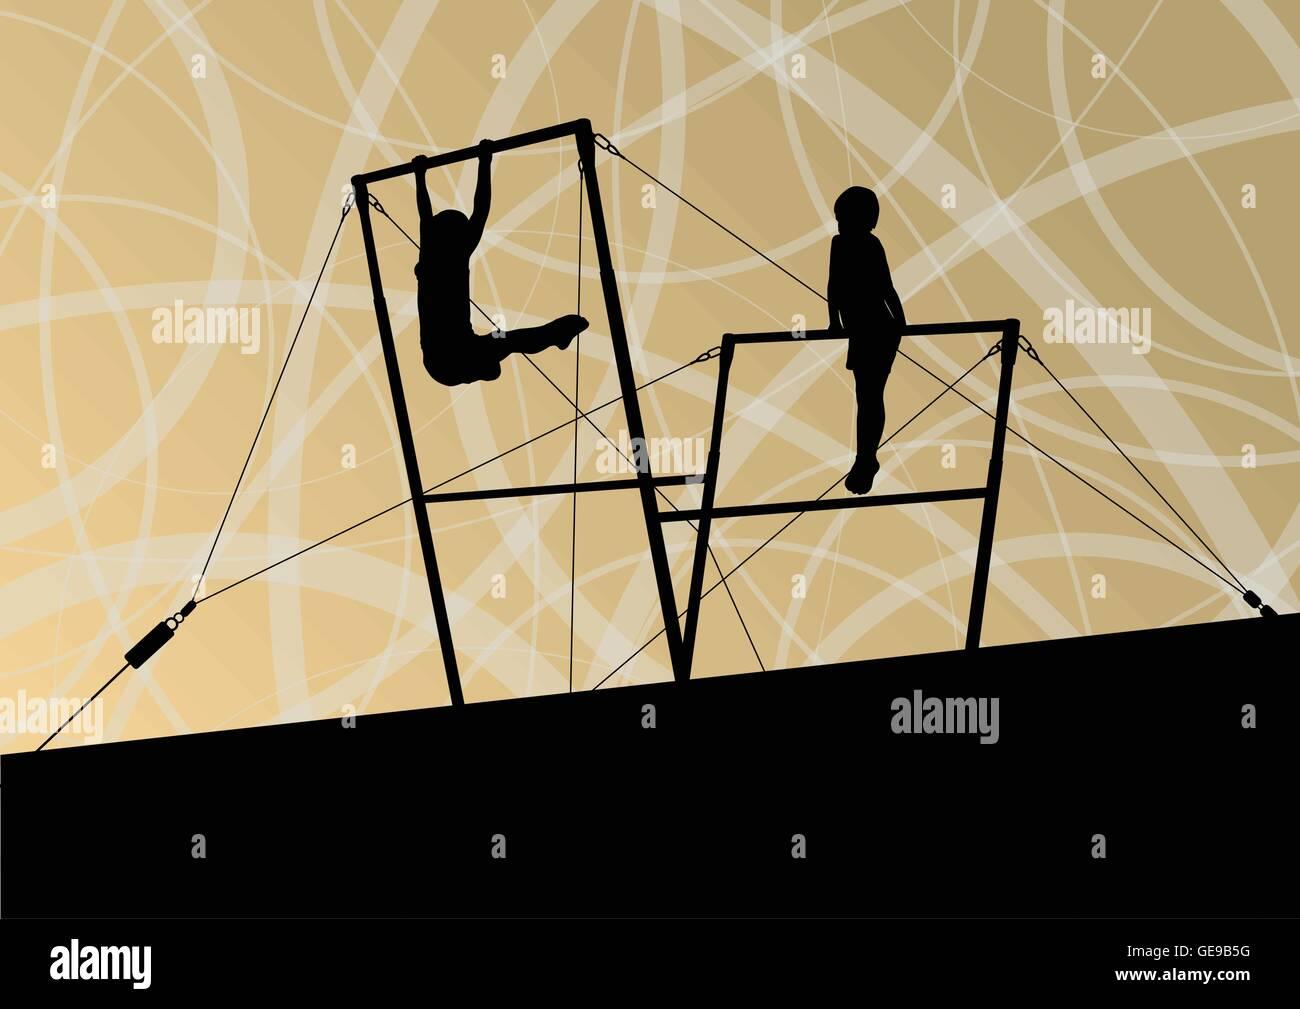 a1aa811fd898 Los niños activos deporte siluetas en barras asimétricas resumen  antecedentes vectoriales ilustración Imagen De Stock